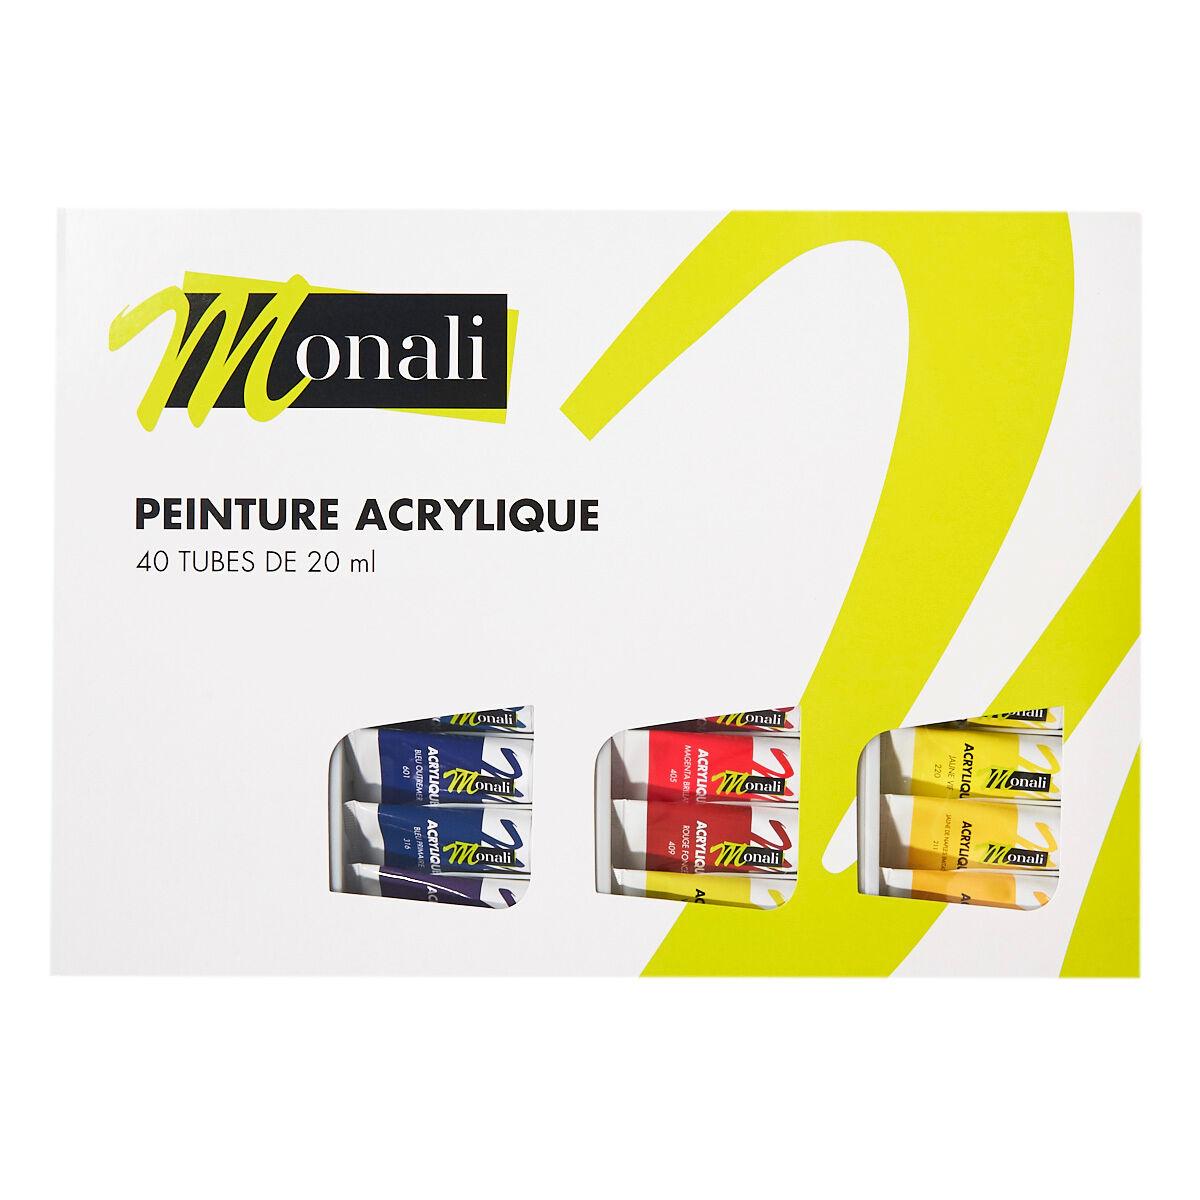 Coffret De 40 Tubes De 20 Ml - Peinture Acrylique - Monali